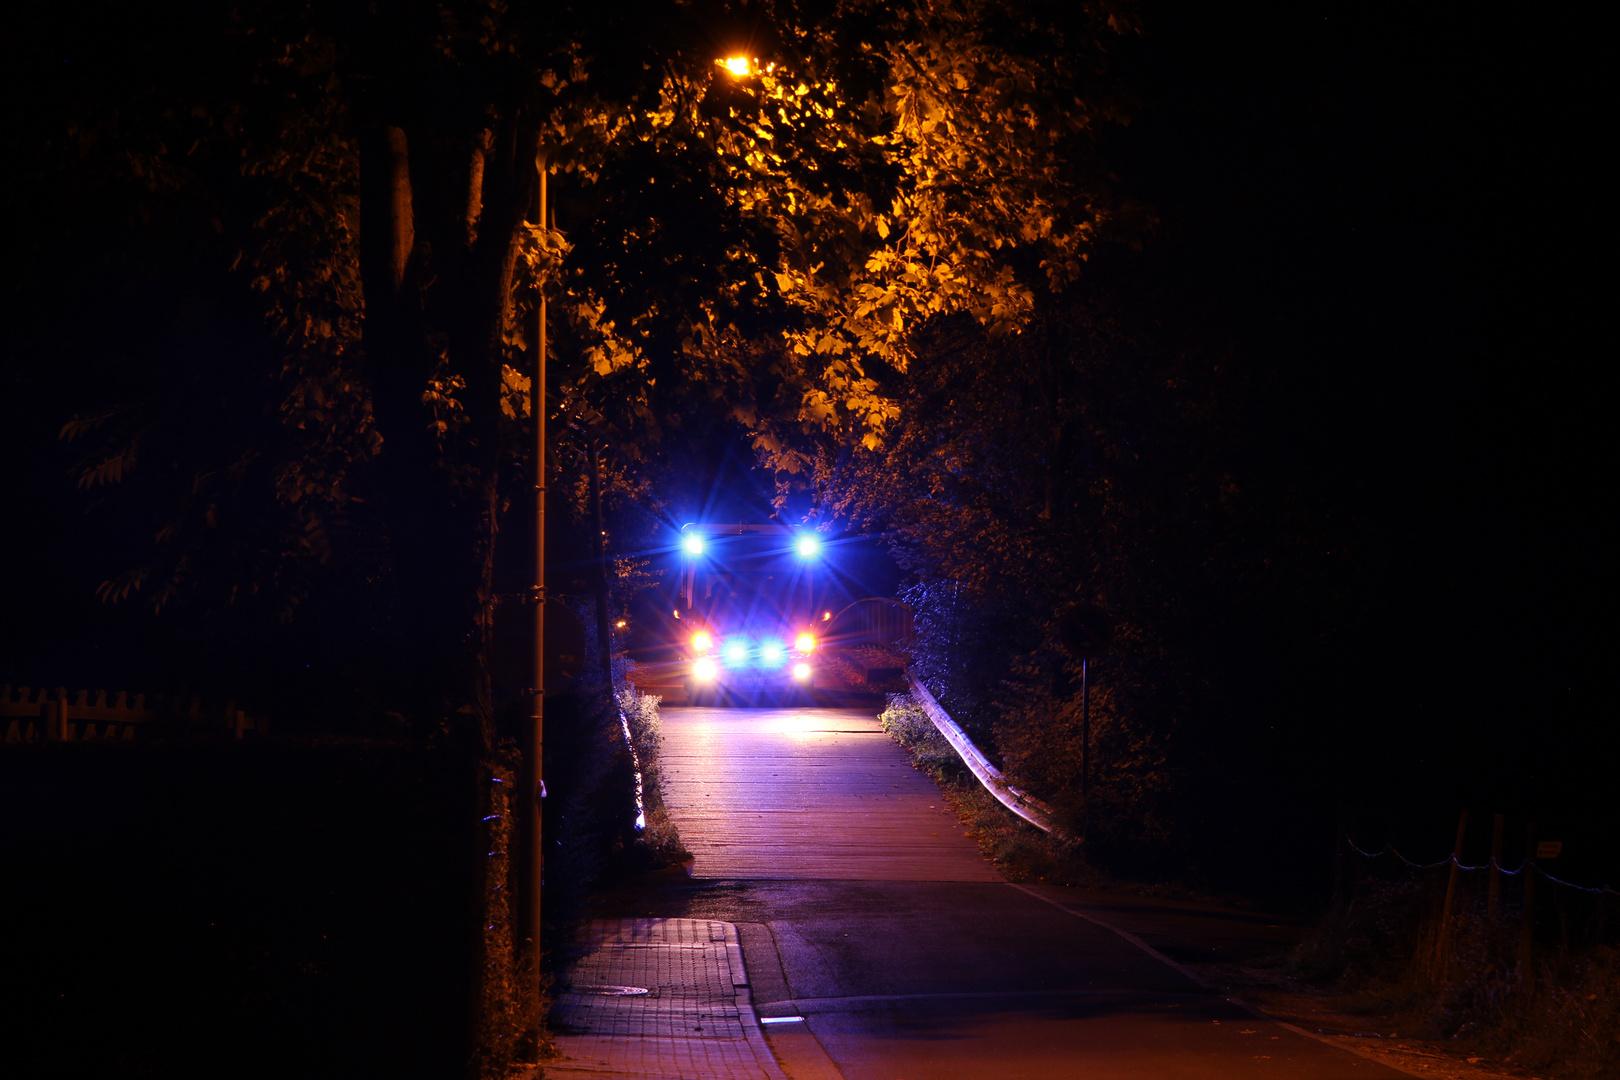 Rettungswagen mit Blaulicht bei Nacht